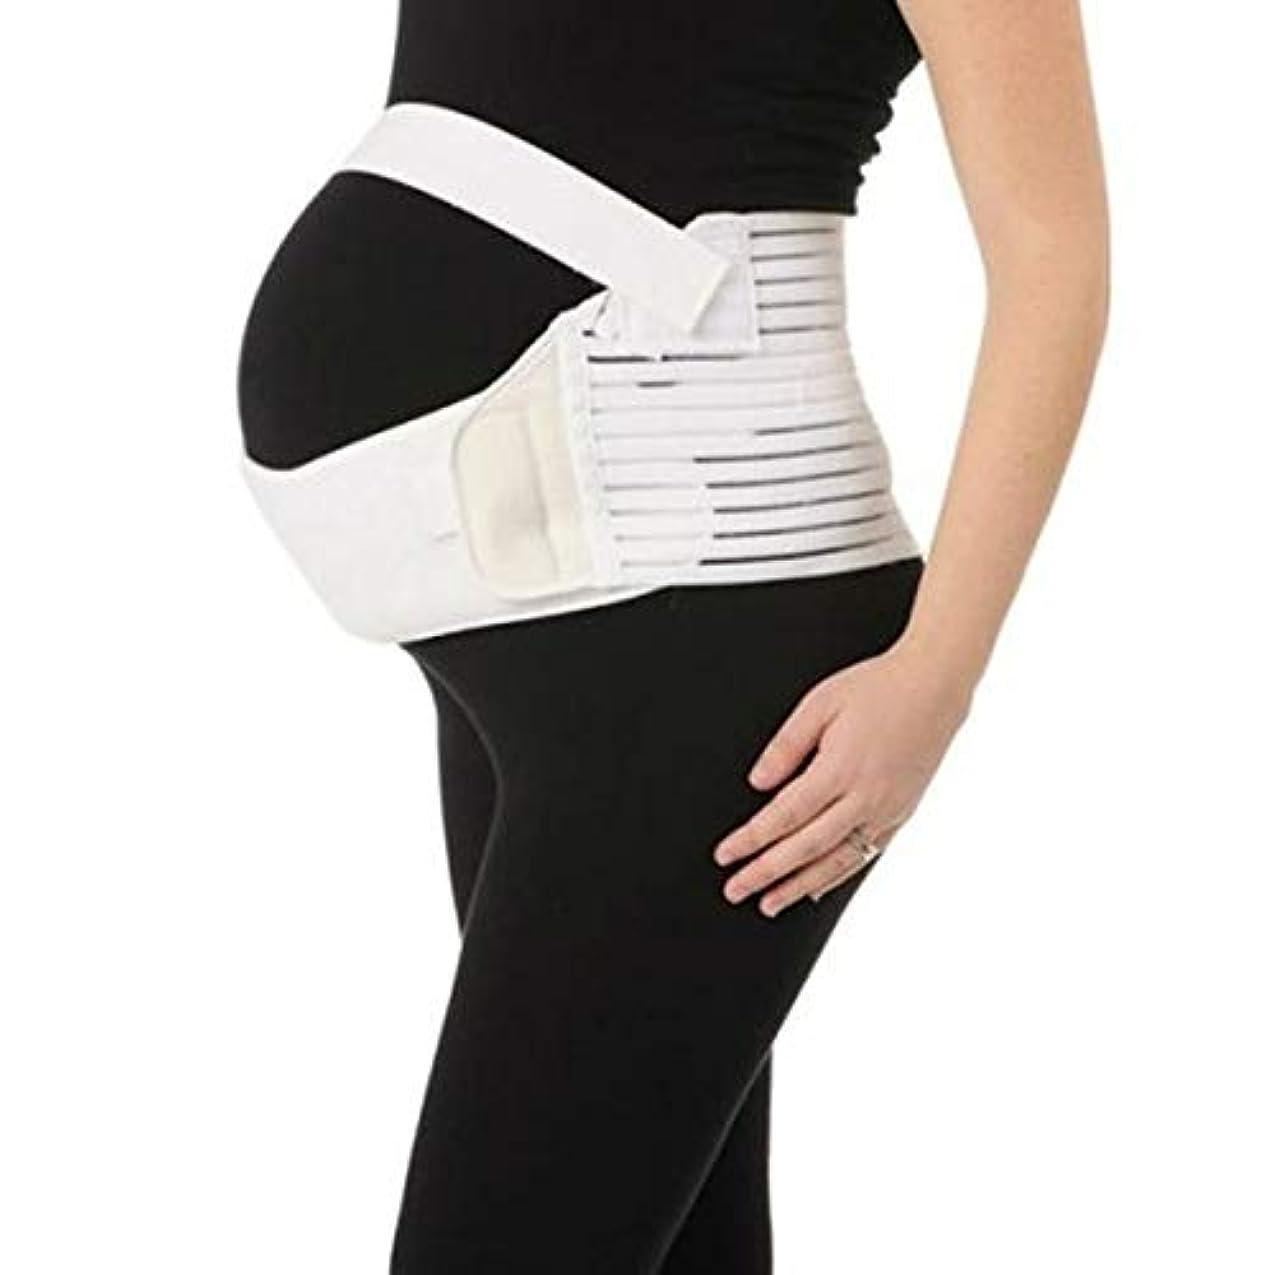 寝具奨励しますスキップ通気性マタニティベルト妊娠腹部サポート腹部バインダーガードル運動包帯産後の回復shapewear - ホワイトL